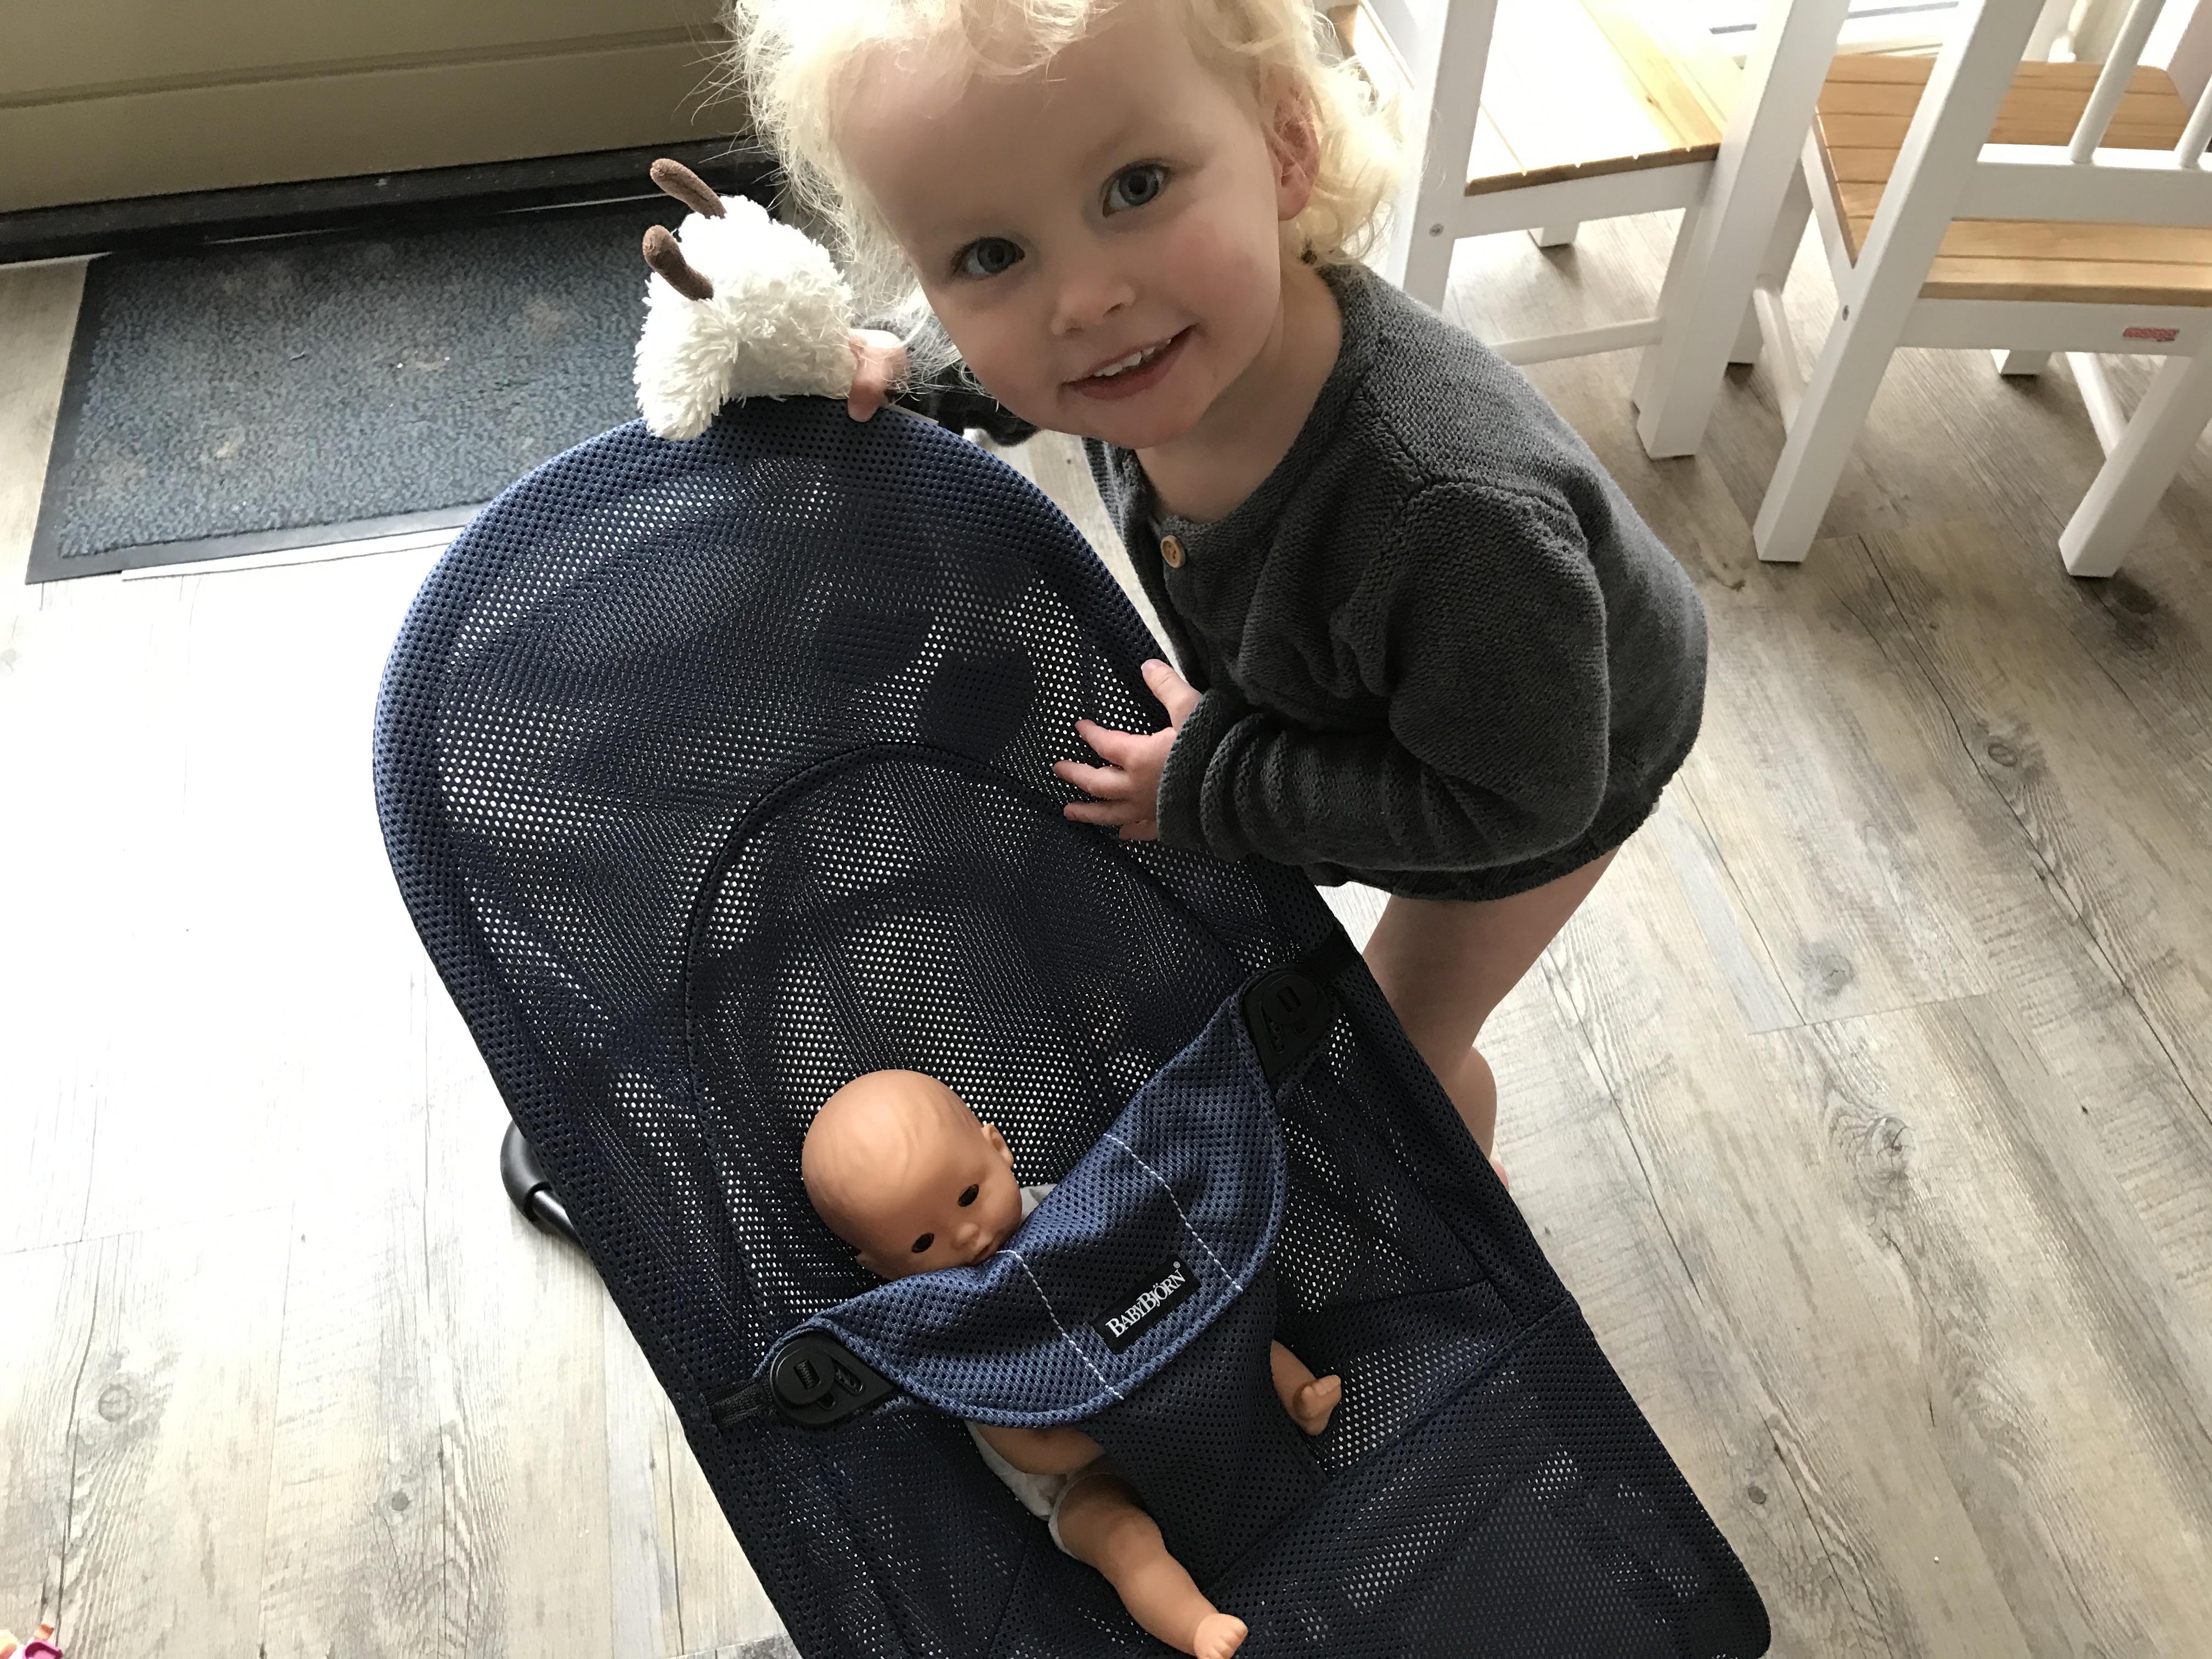 10-17-baby-bjorn-wipstoel-wipstoeltje-ergonomisch-verantwoord-rug-nek-zelf-schommelen-natuurlijk-baby-kind-newborn-twee-jaar-nanny-mama-moeder-blog-tip-ervaring-review-pop